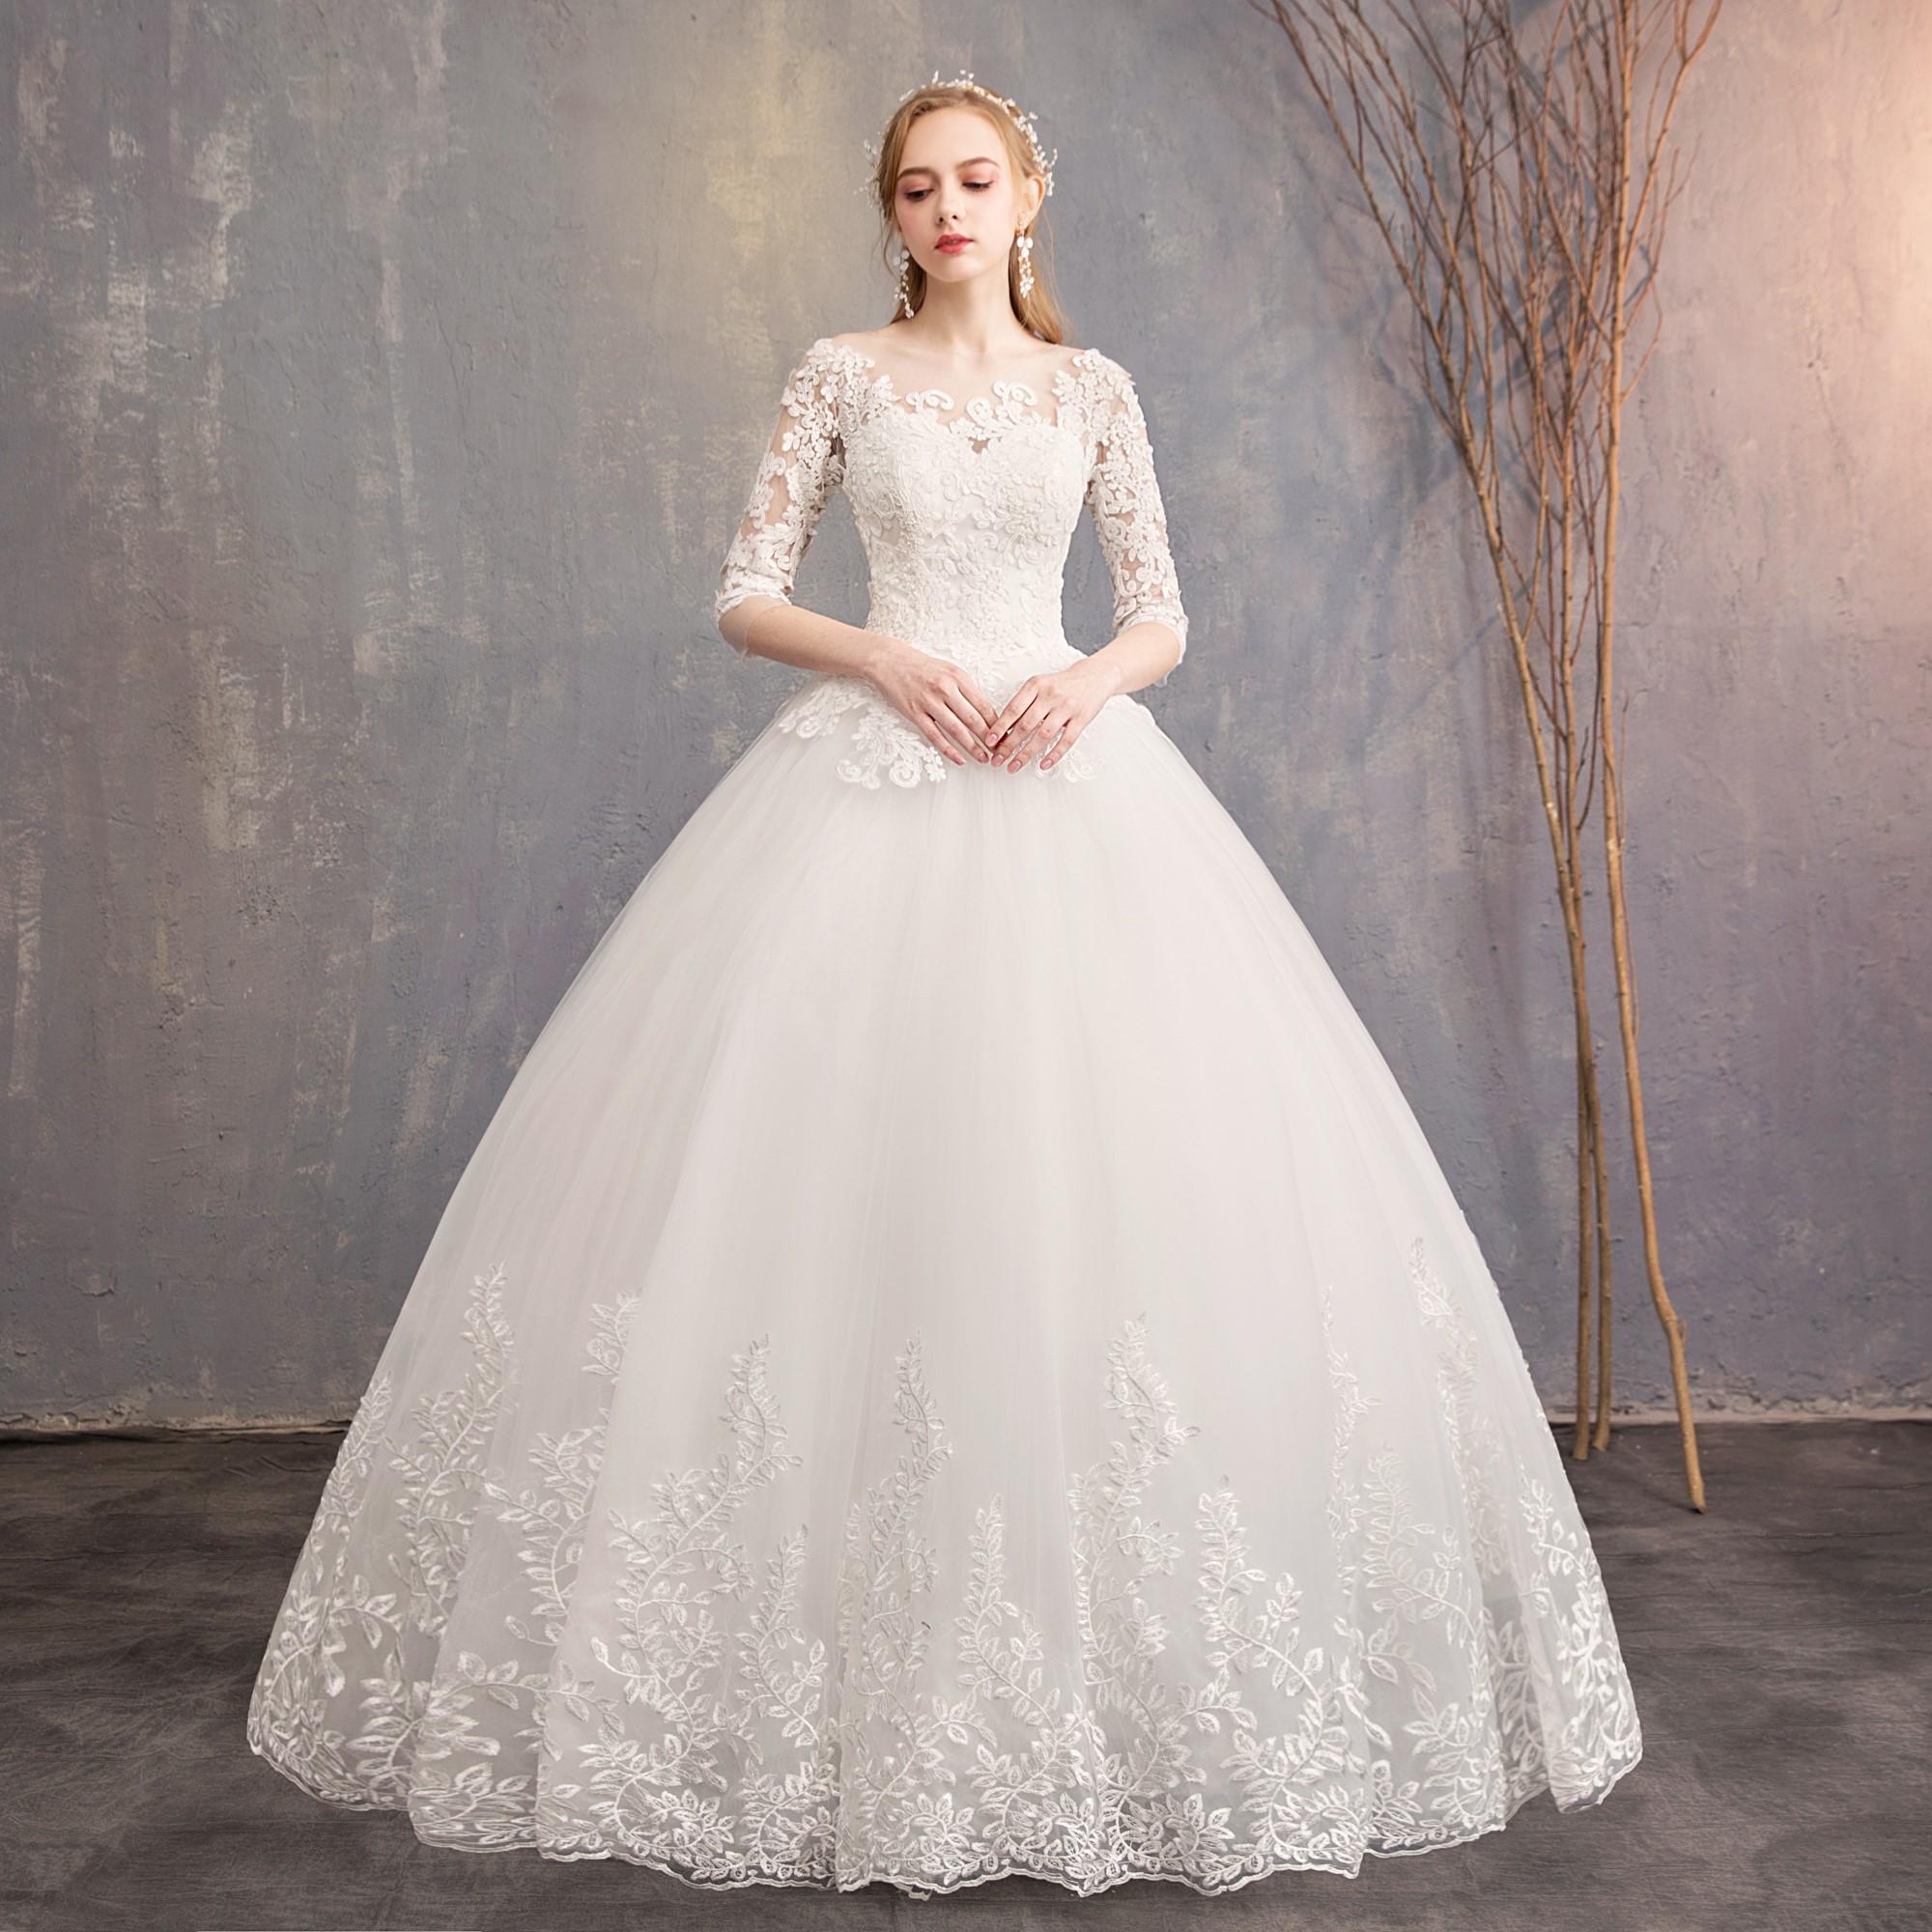 婚纱礼服2019赫本新款一字肩拖尾显瘦森系新娘简约齐地结婚纱女轻